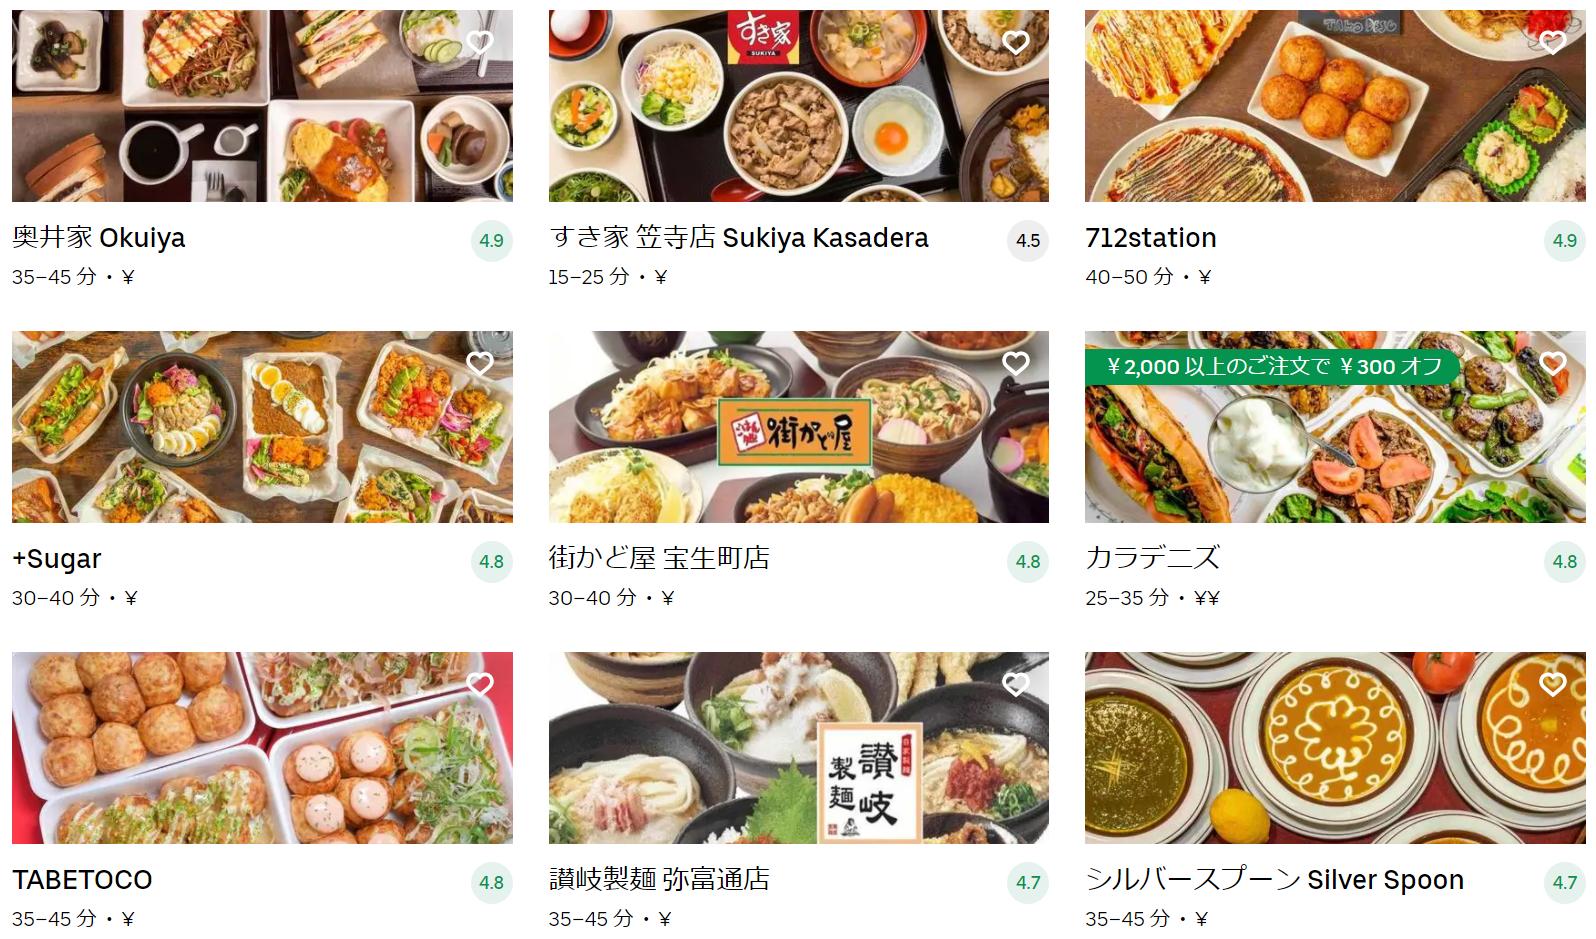 名古屋市南区エリアのおすすめUber Eats(ウーバーイーツ)メニュー